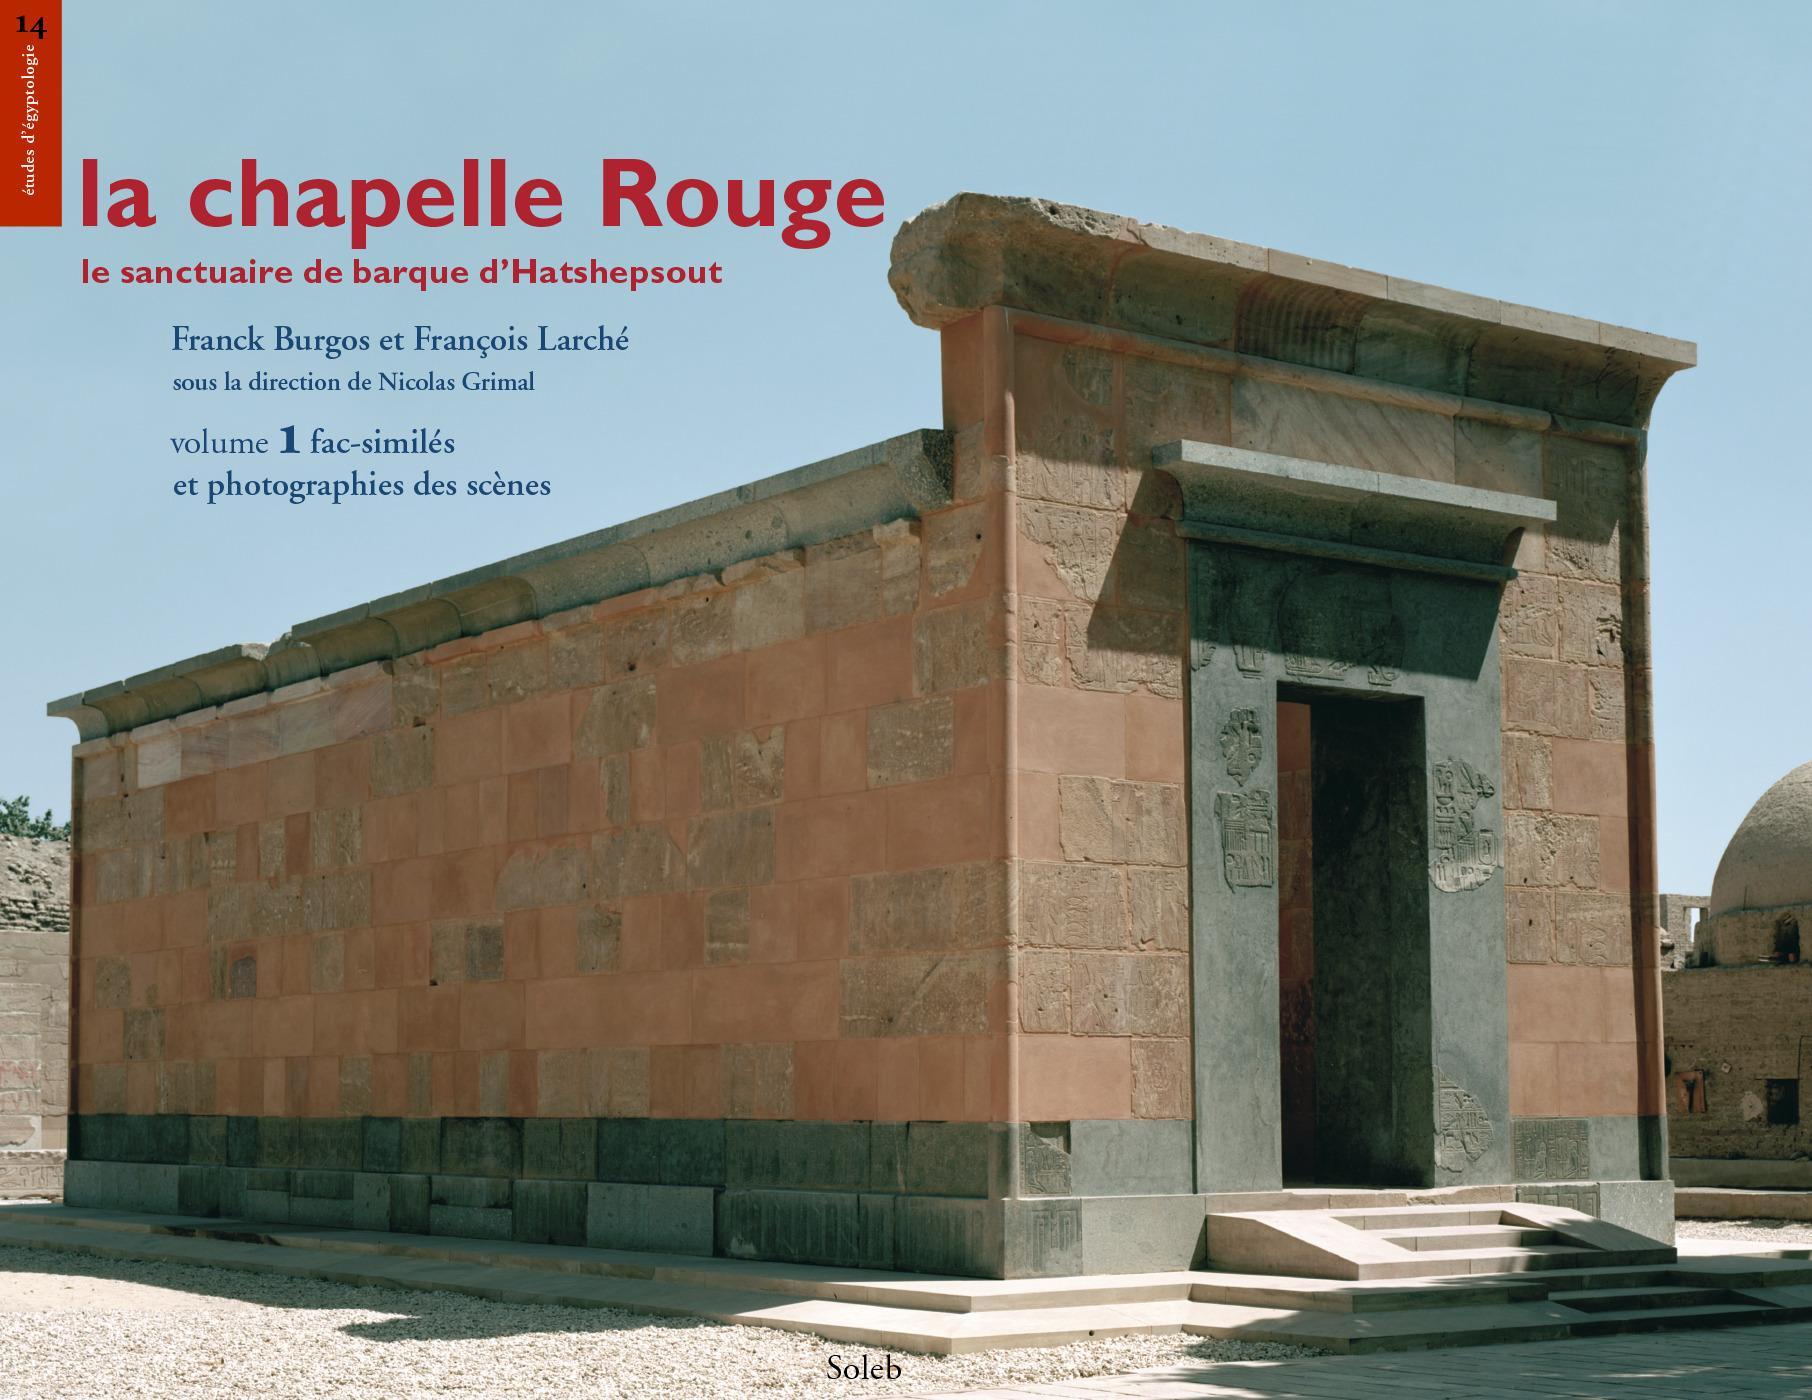 La chapelle Rouge, le sanctuaire de barque d´Hatshepsout, volume 1, fac-similés et photographies des scènes